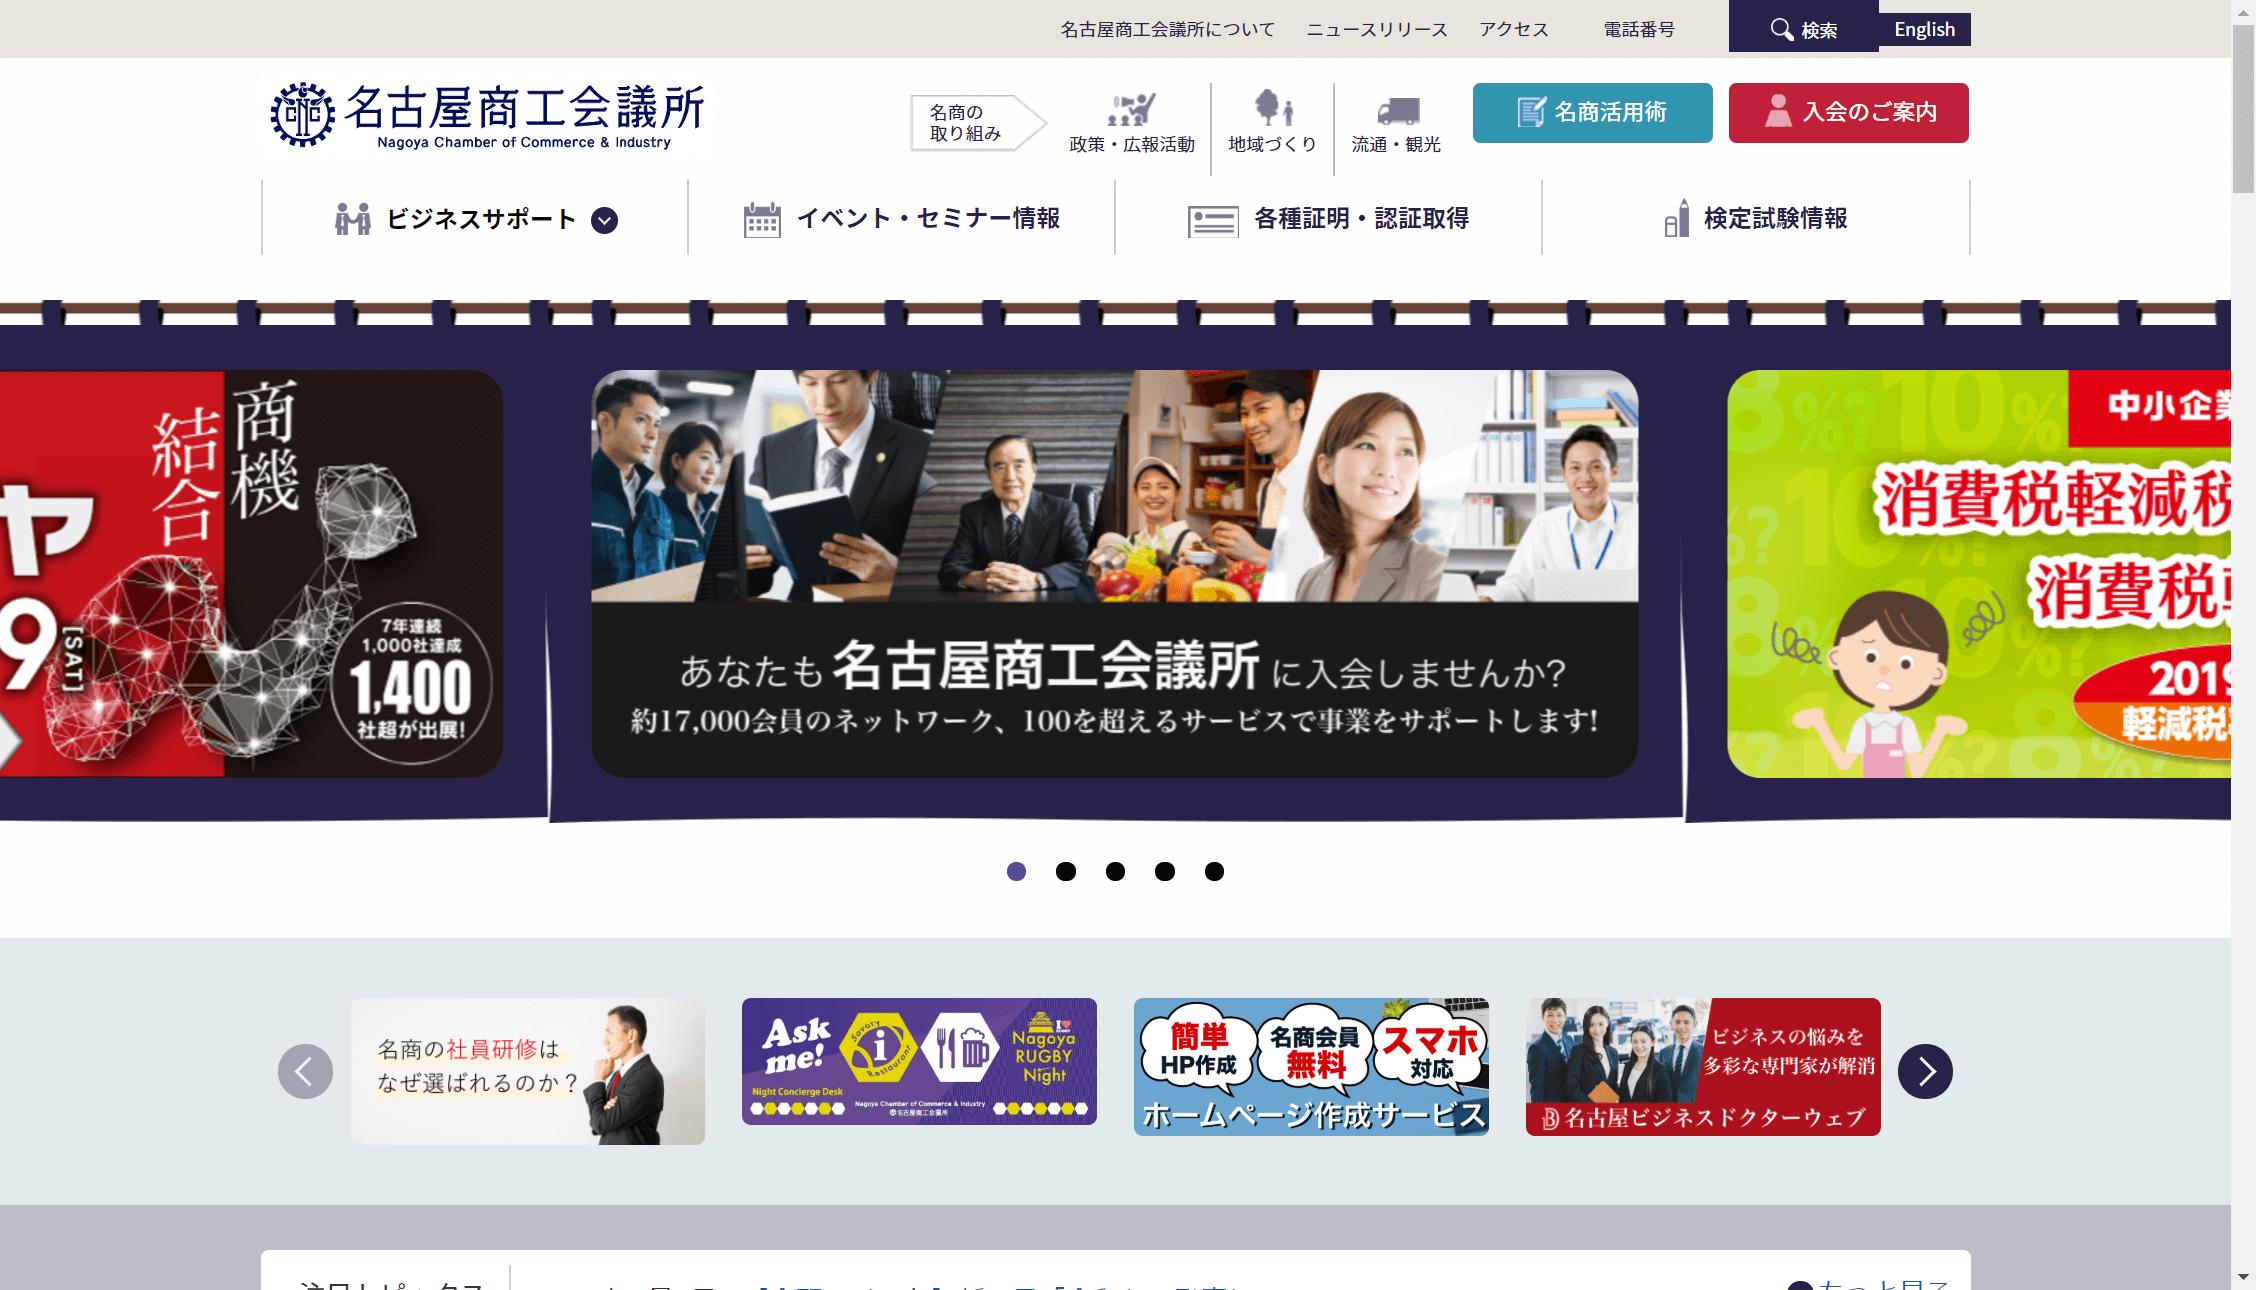 名古屋商工会議所の会員になったら無料で利用できるPRツールを活用